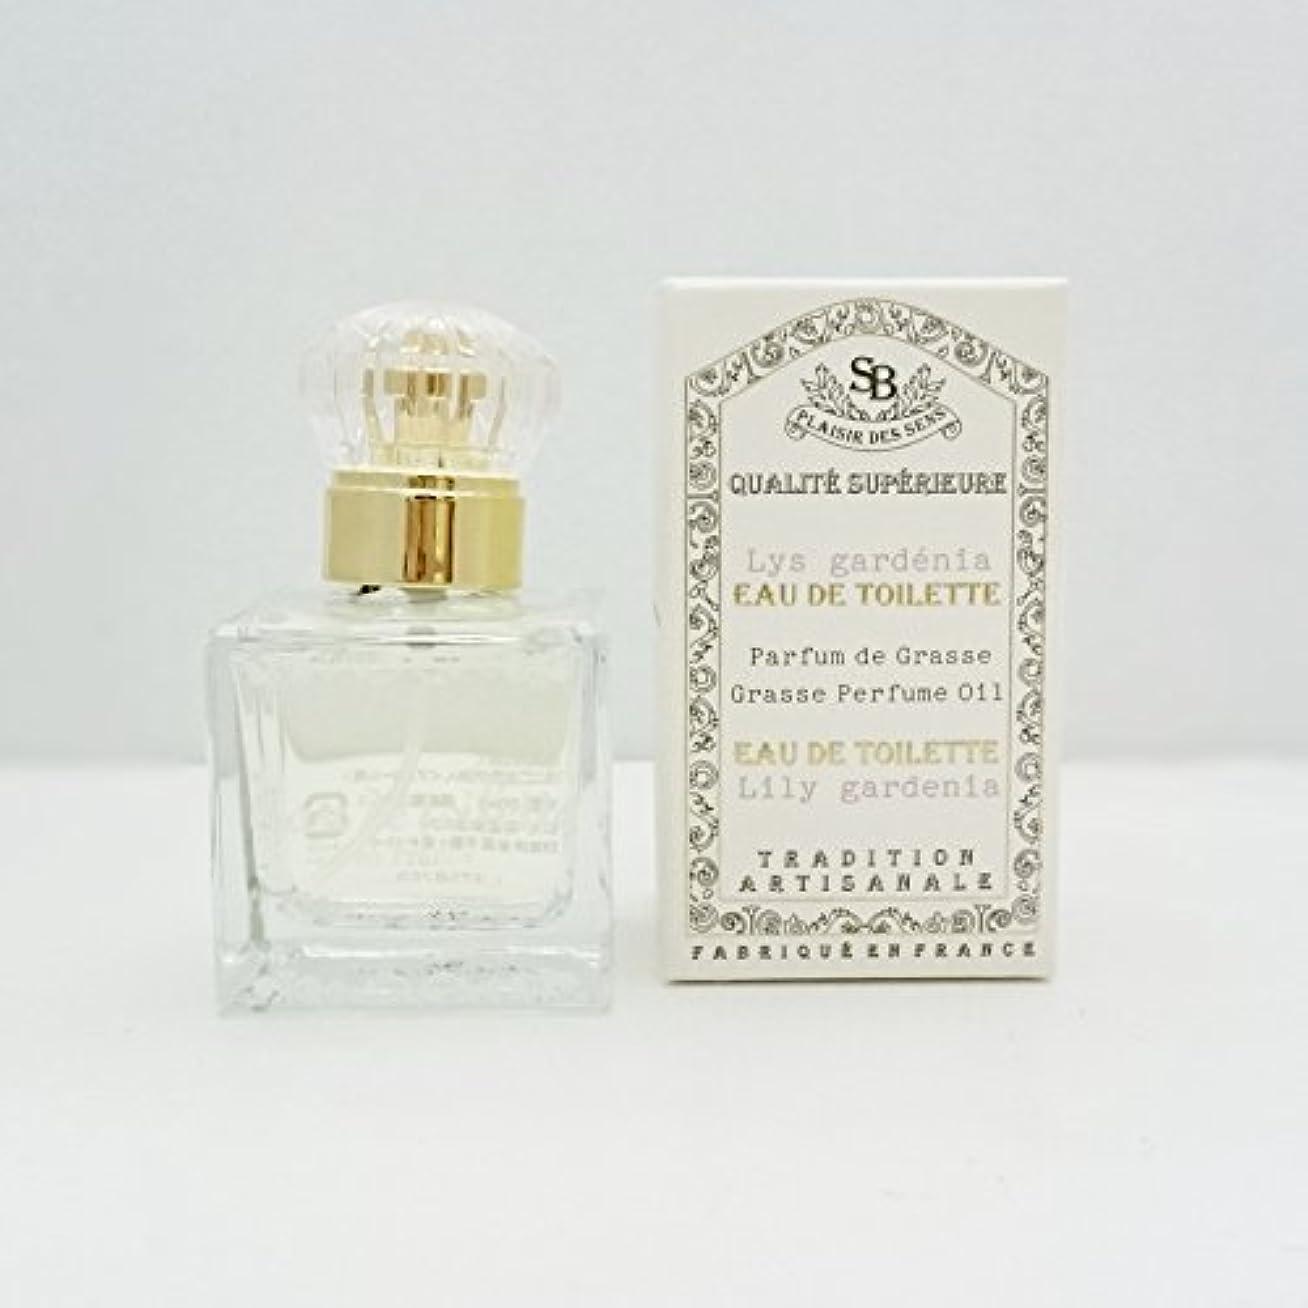 ガラス許さないごみSenteur et Beaute(サンタールエボーテ) フレンチクラシックシリーズ オードトワレ 30ml 「リリーガーデニア」 4994228021915